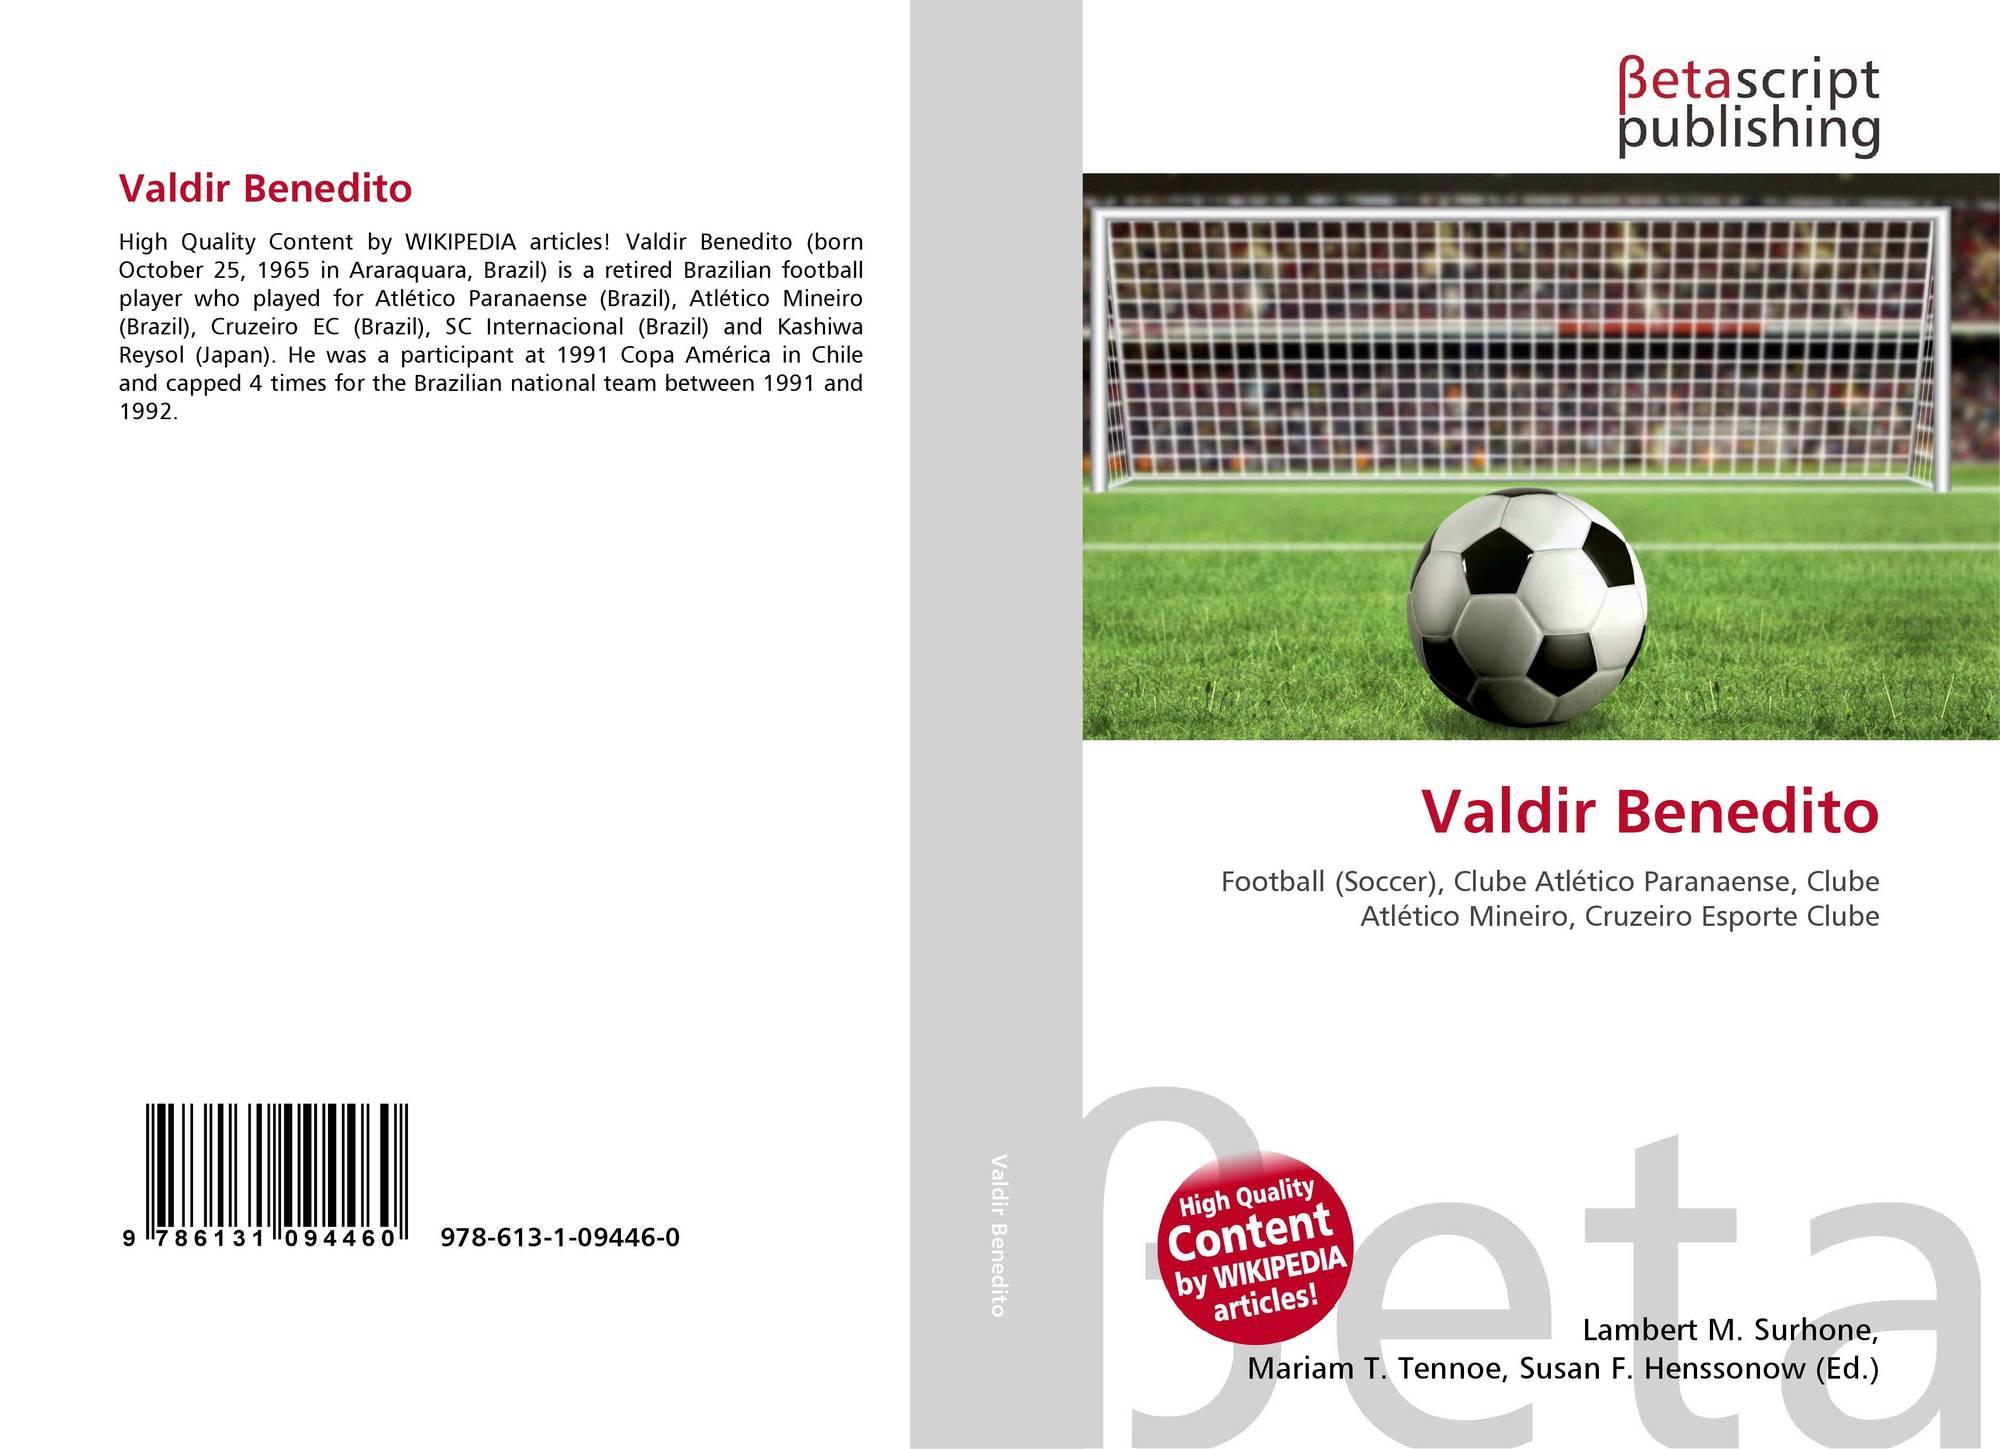 Valdir Benedito 978 613 1 09446 0 6131094462 9786131094460